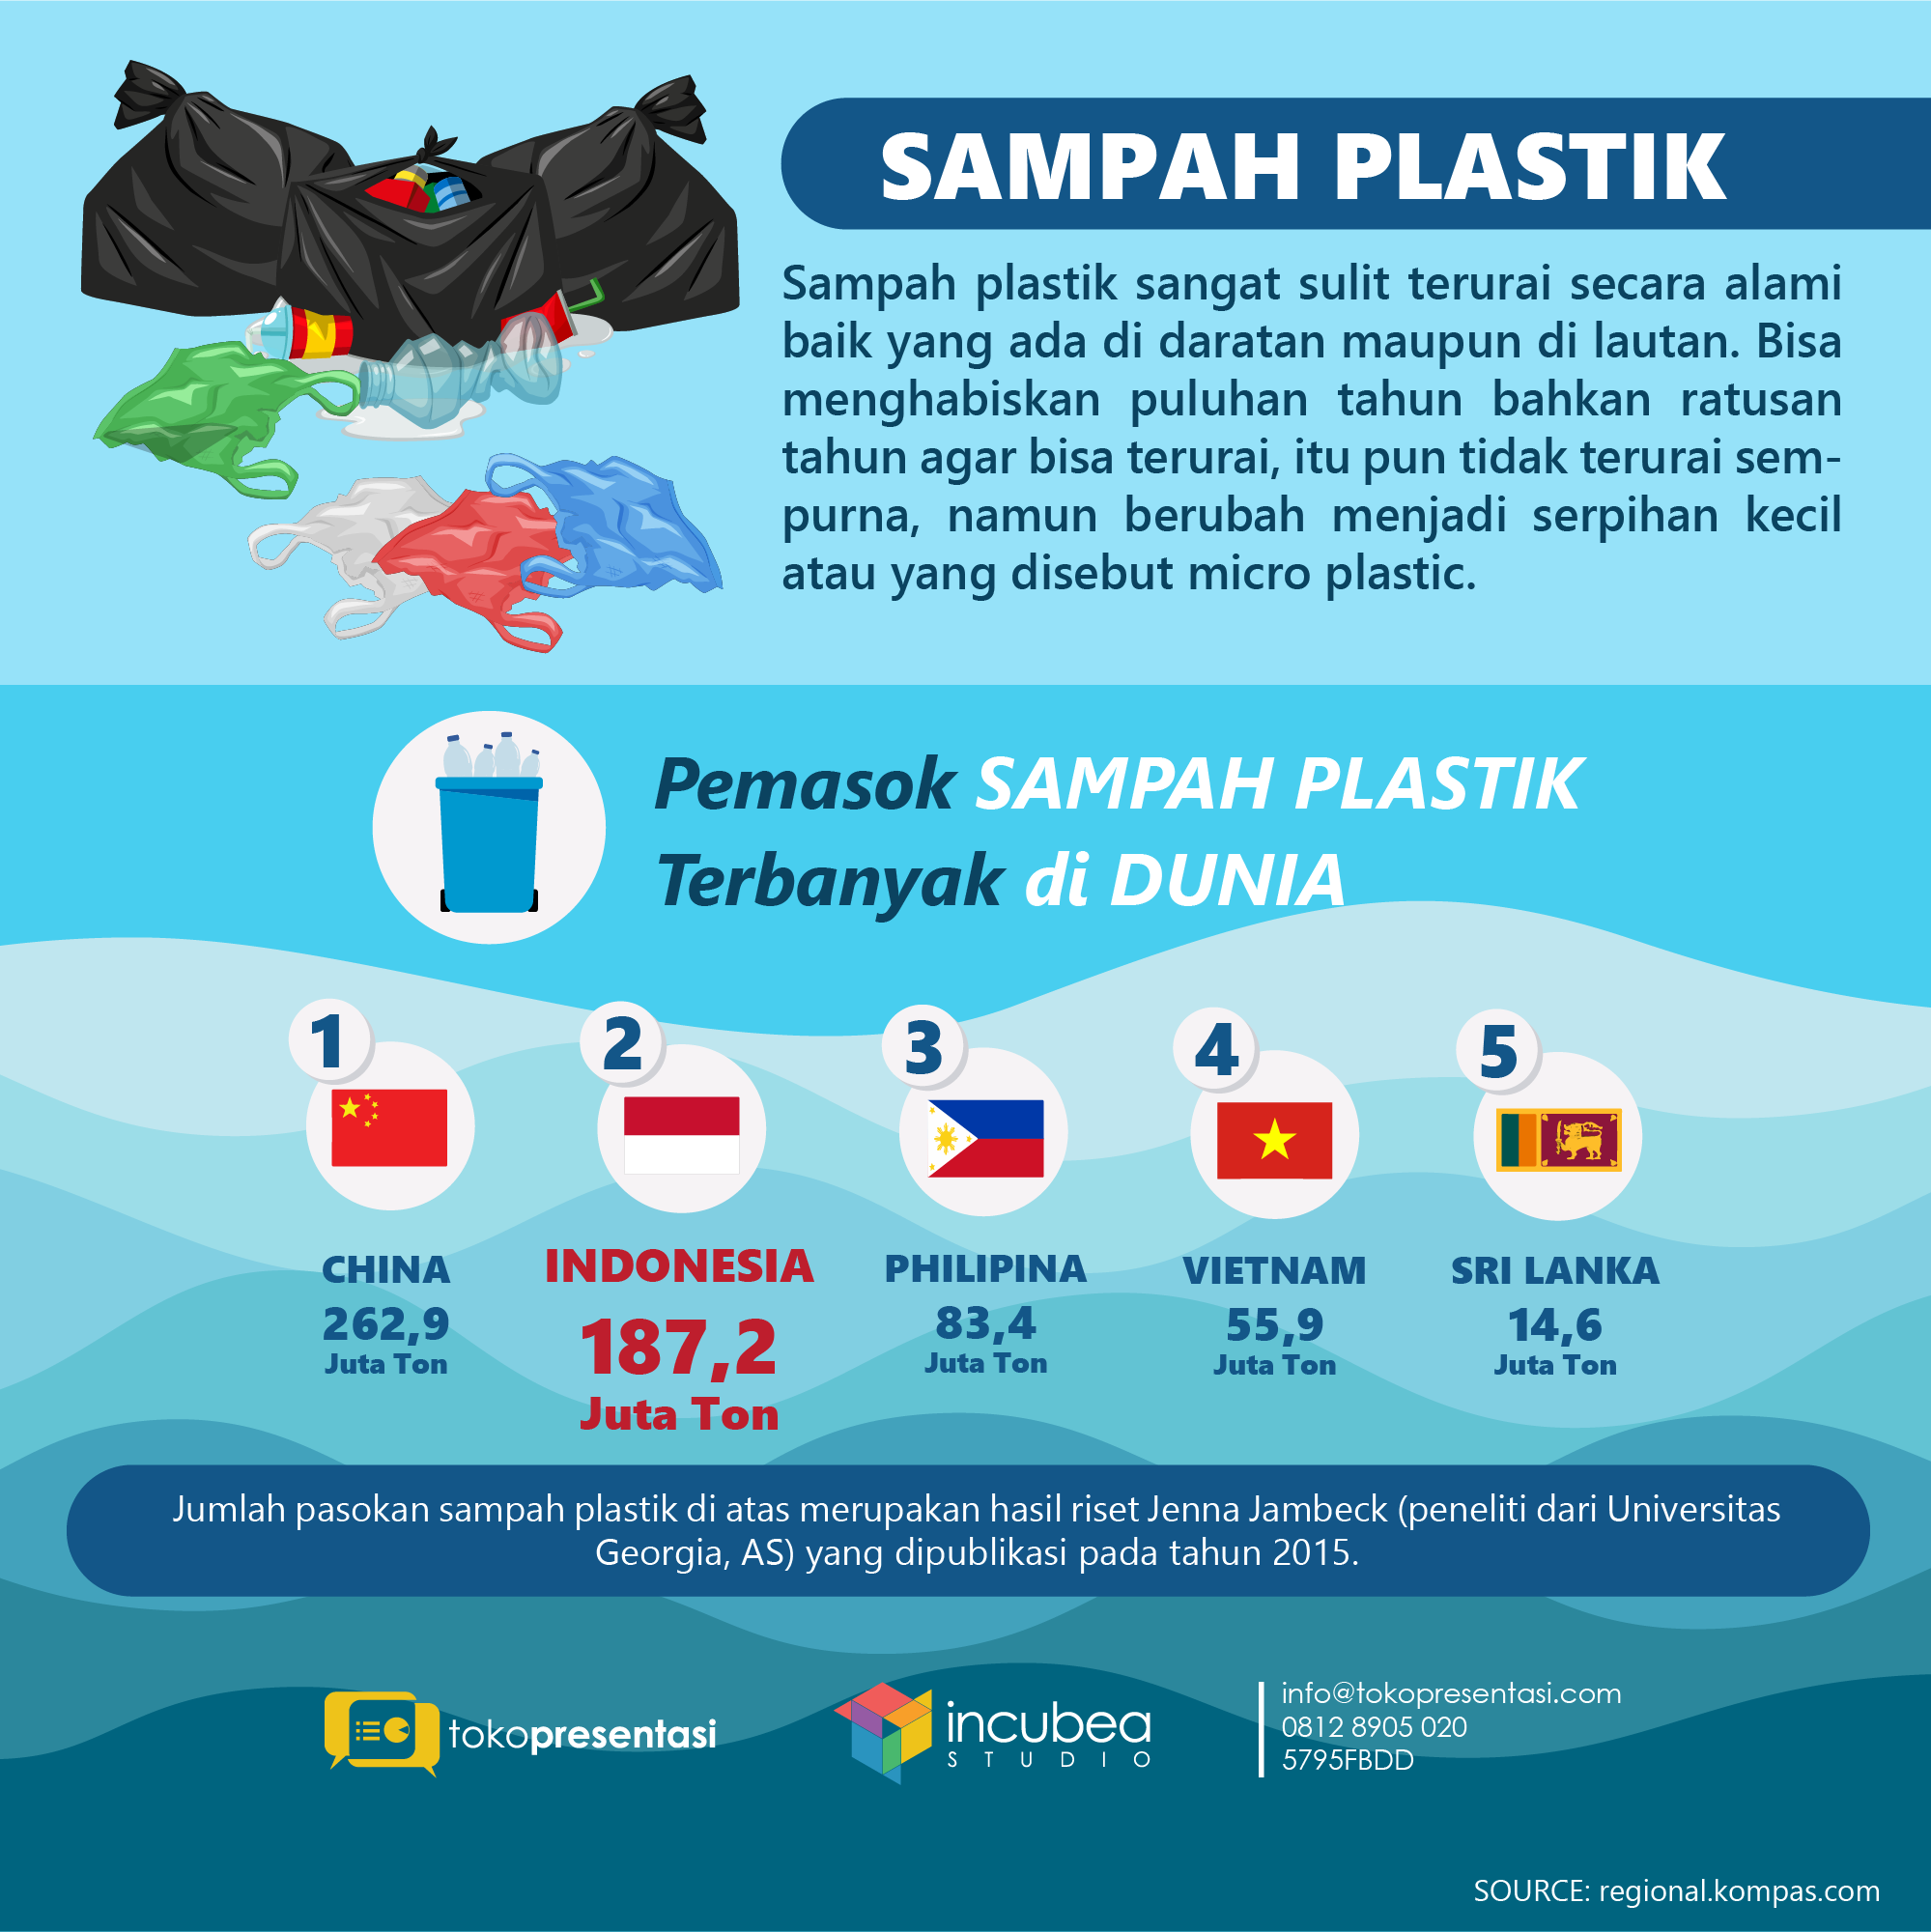 infografis penyumbang sampah plastik terbanyak di dunia by tokopresentasi